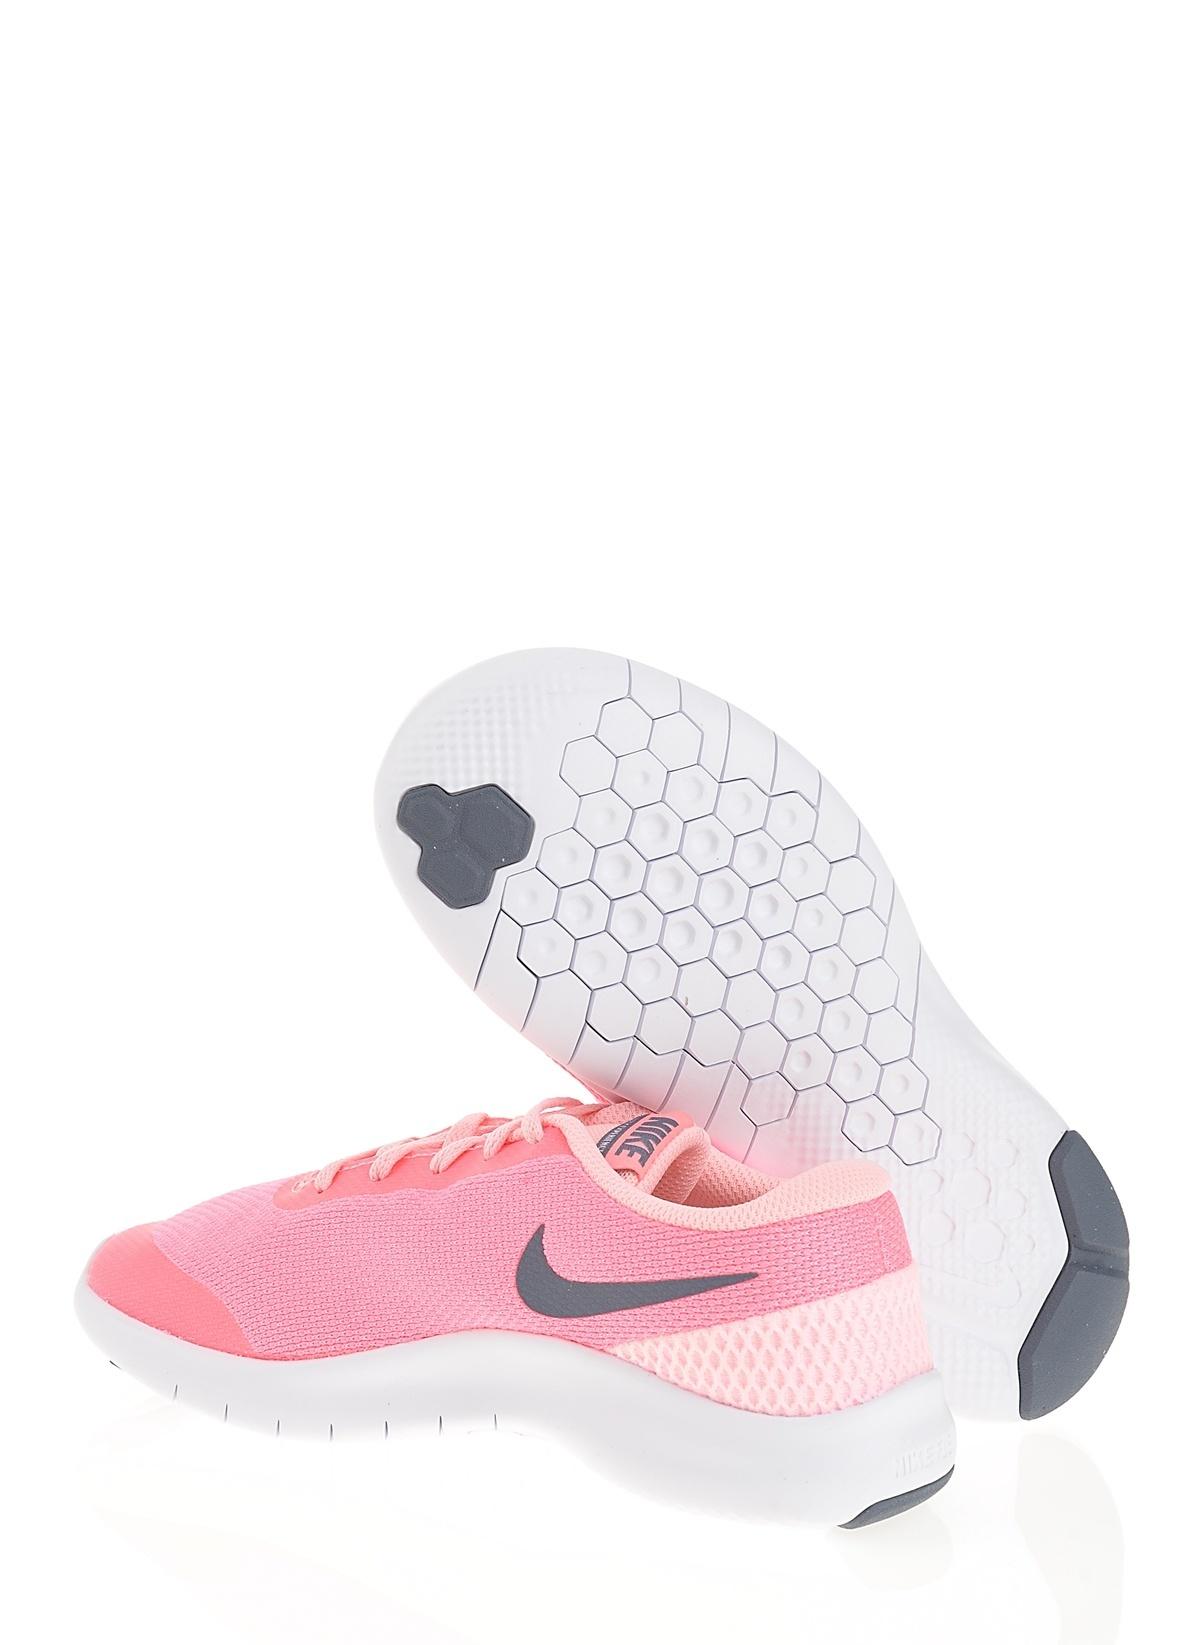 new product 04907 11c3f ... Nike Flex Experience Rn 7 Kırmızı ...